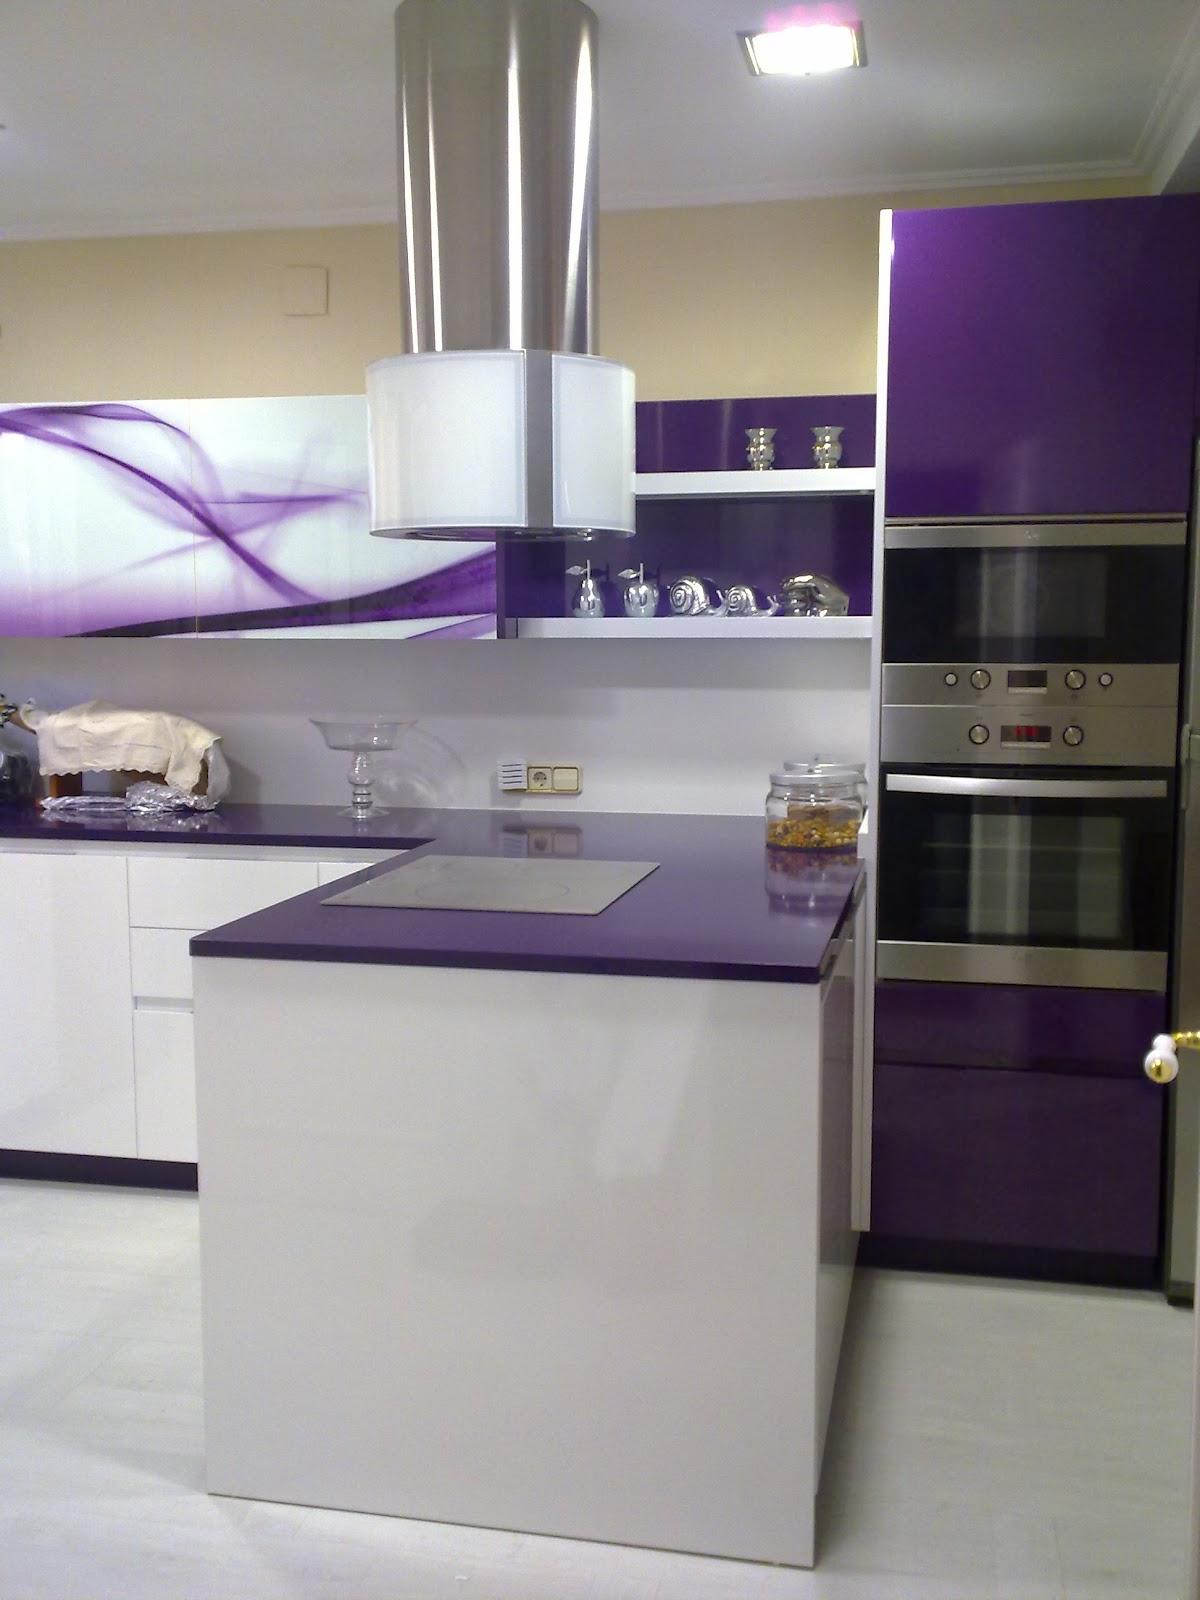 Bamb muebles y cocinas cocina dise o moderno morado y - Cocinas con diseno ...